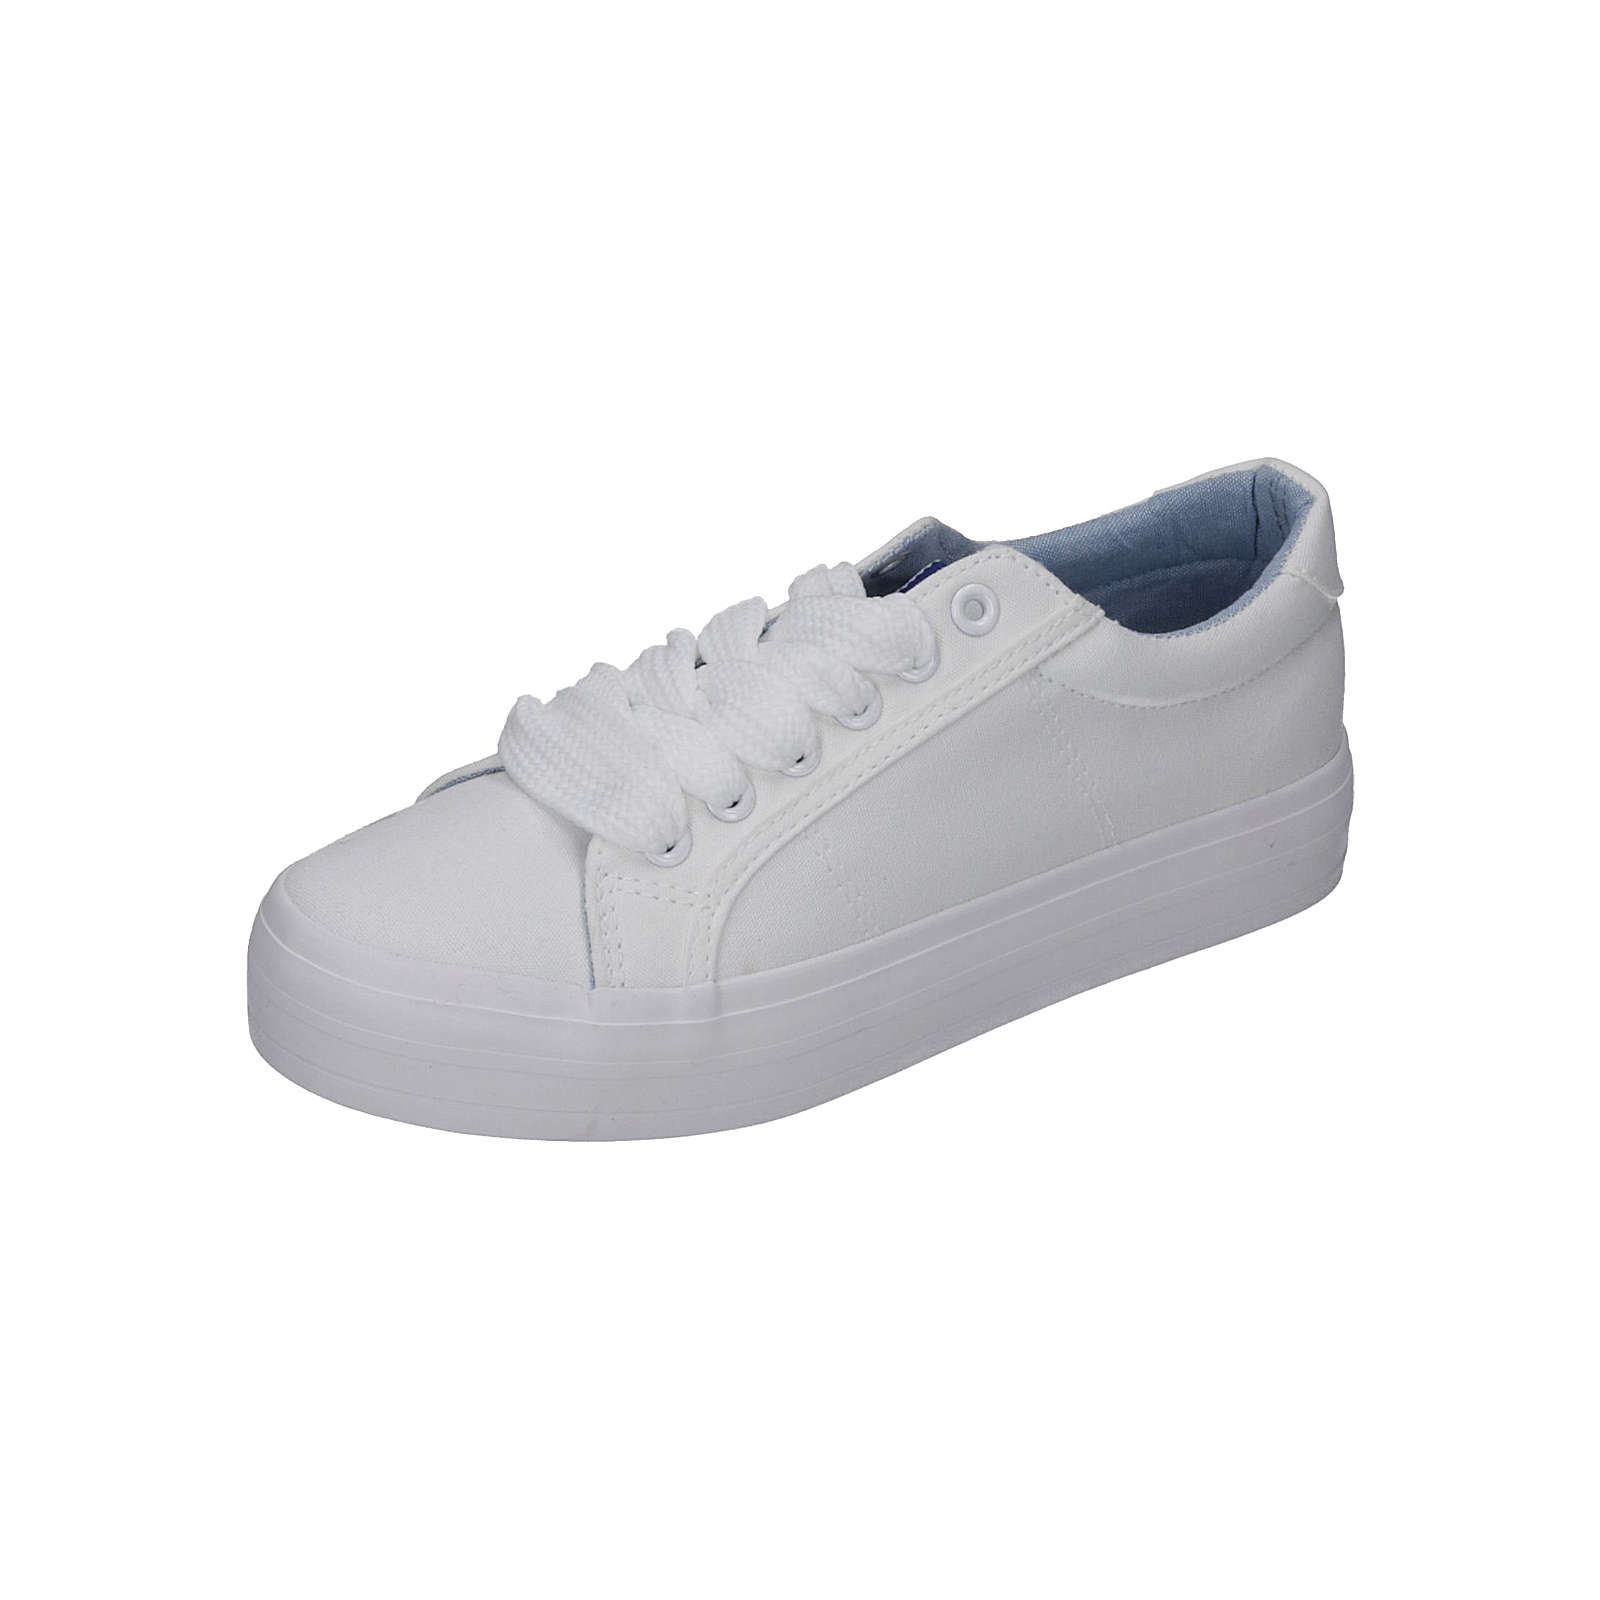 Jane Klain Damen Sneaker Sneakers Low weiß Damen Gr. 39